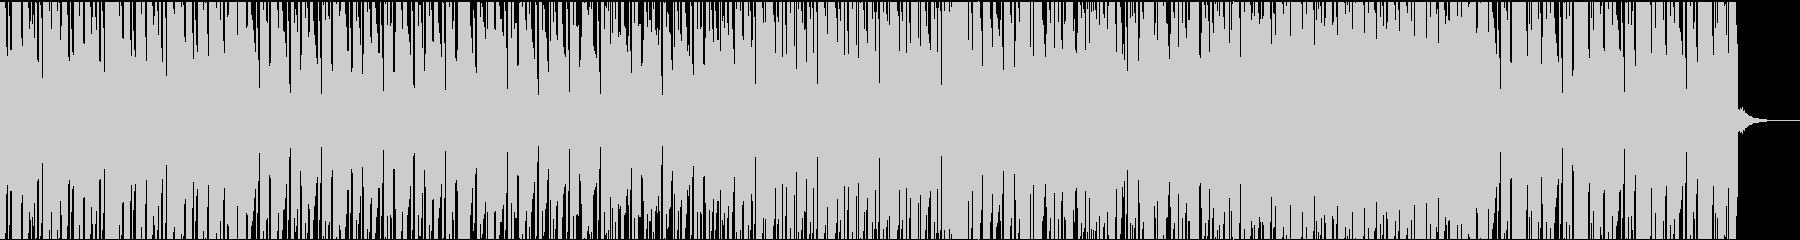 生サックスがお洒落なファンクの未再生の波形